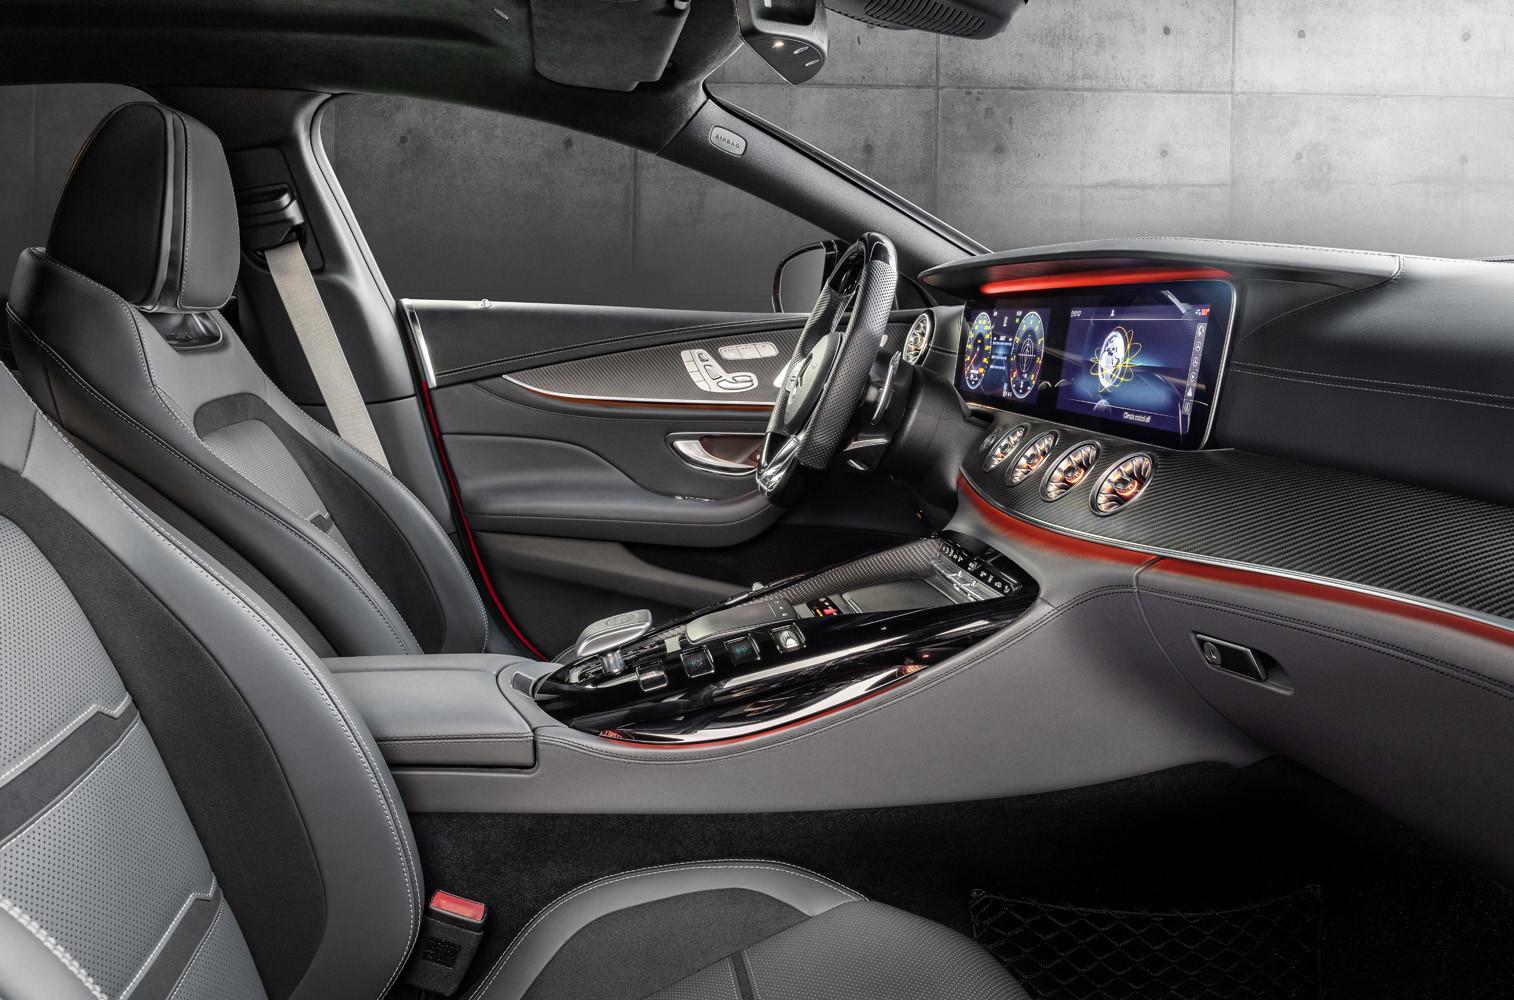 Foto de Mercedes-AMG GT 43 Coupé 4 puertas (15/18)